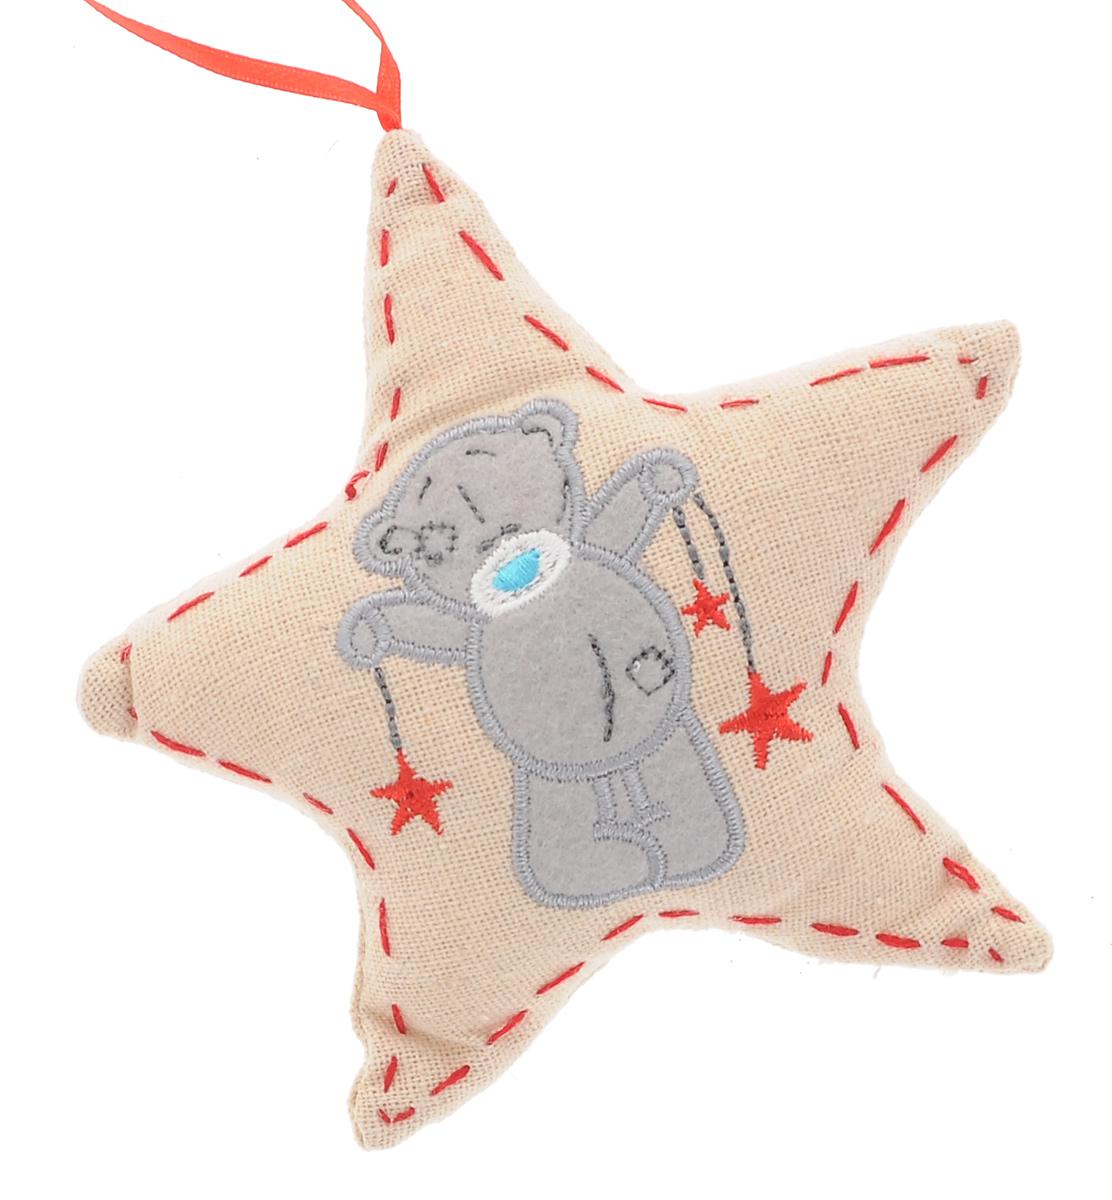 Новогоднее подвесное украшение Me to You ЗвездаMTY-N06011Подвесное украшение Me to You Звезда, выполненное из полиэстера, станет отличным новогодним украшением на елку. Изделие декорировано красной строчкой и вышивкой в виде мишки Me to You со звездочками. Подвешивается на елку с помощью текстильной петельки.Ваша зеленая красавица с таким украшением будет выглядеть оригинально и современно. Создайте в своем доме по-настоящему сказочную атмосферу. Кроме того, это украшение может стать не только деталью интерьера в квартире, но и актуальным подарком для ваших друзей и родных.